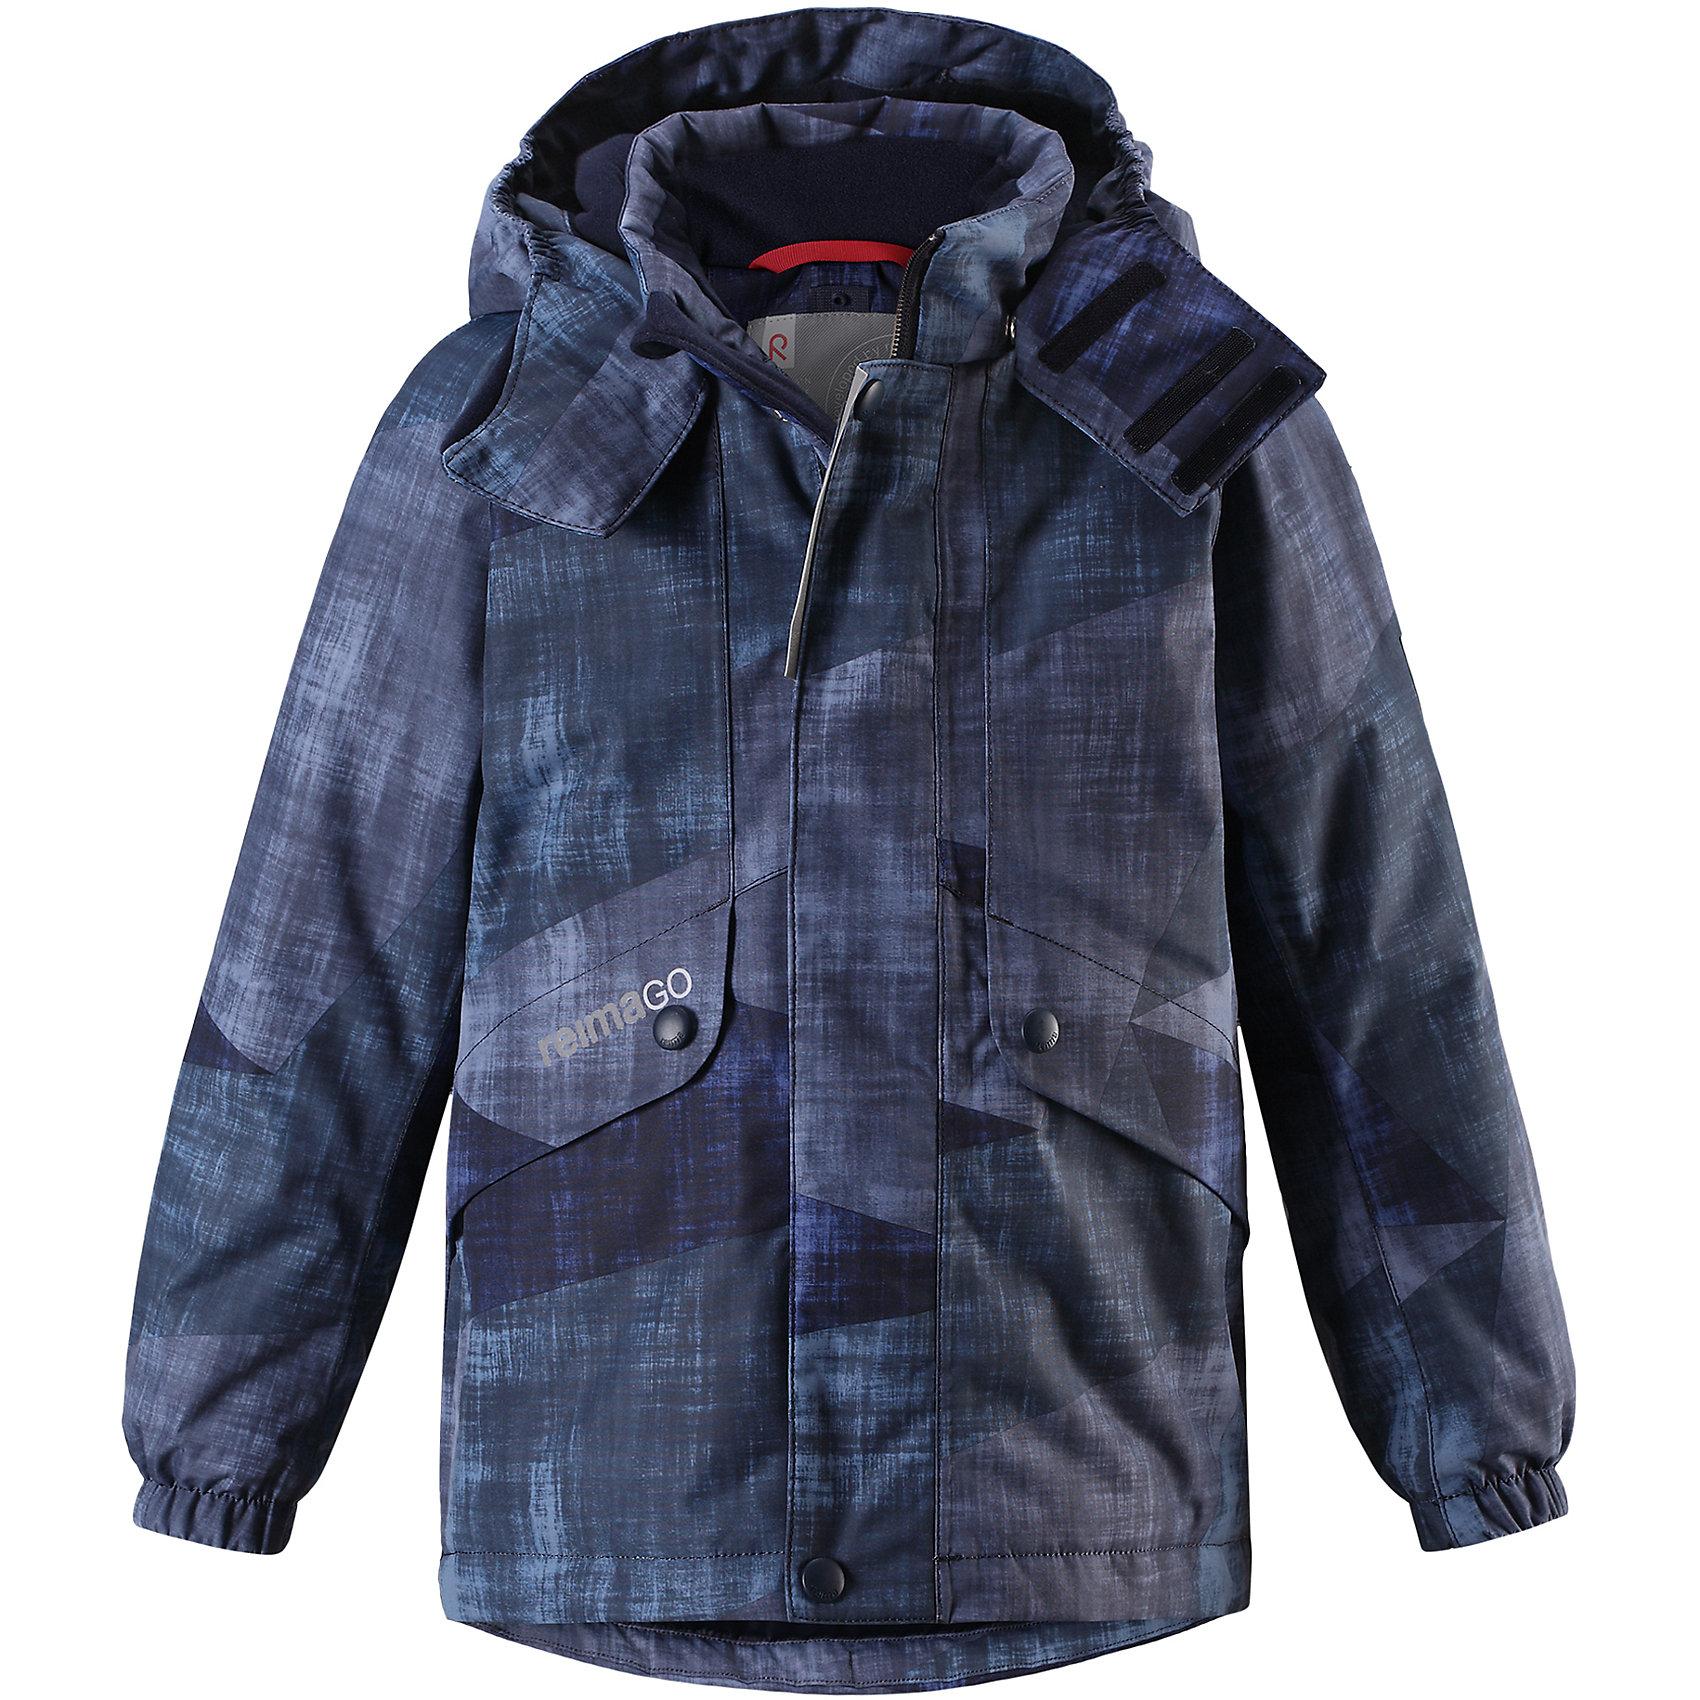 Куртка Elo Reimatec® ReimaОдежда<br>Детская абсолютно непромокаемая зимняя куртка Reimatec® изготовлена из водо- и ветронепроницаемого, прочного и дышащего материала, который эффективно отталкивает грязь. Все швы проклеены, водонепроницаемы. В этой модели прямого покроя подол при необходимости легко регулируется, что позволяет подогнать куртку точно по фигуре. Съемный и регулируемый капюшон защищает от пронизывающего ветра и проливного дождя, а еще он безопасен во время игр на свежем воздухе. <br><br>С помощью удобной системы кнопок Play Layers® к этой куртке можно присоединять одежду промежуточного слоя Reima®, которая подарит вашему ребенку дополнительное тепло и комфорт. В куртке предусмотрены два кармана на молнии, внутренний нагрудный карман, карман для сенсора ReimaGO® и множество светоотражающих деталей. Эта куртка очень проста в уходе, кроме того, ее можно сушить в стиральной машине. <br>Состав:<br>100% Полиэстер<br><br>Ширина мм: 356<br>Глубина мм: 10<br>Высота мм: 245<br>Вес г: 519<br>Цвет: синий<br>Возраст от месяцев: 108<br>Возраст до месяцев: 120<br>Пол: Унисекс<br>Возраст: Детский<br>Размер: 140,104,110,116,122,128,134<br>SKU: 6901241